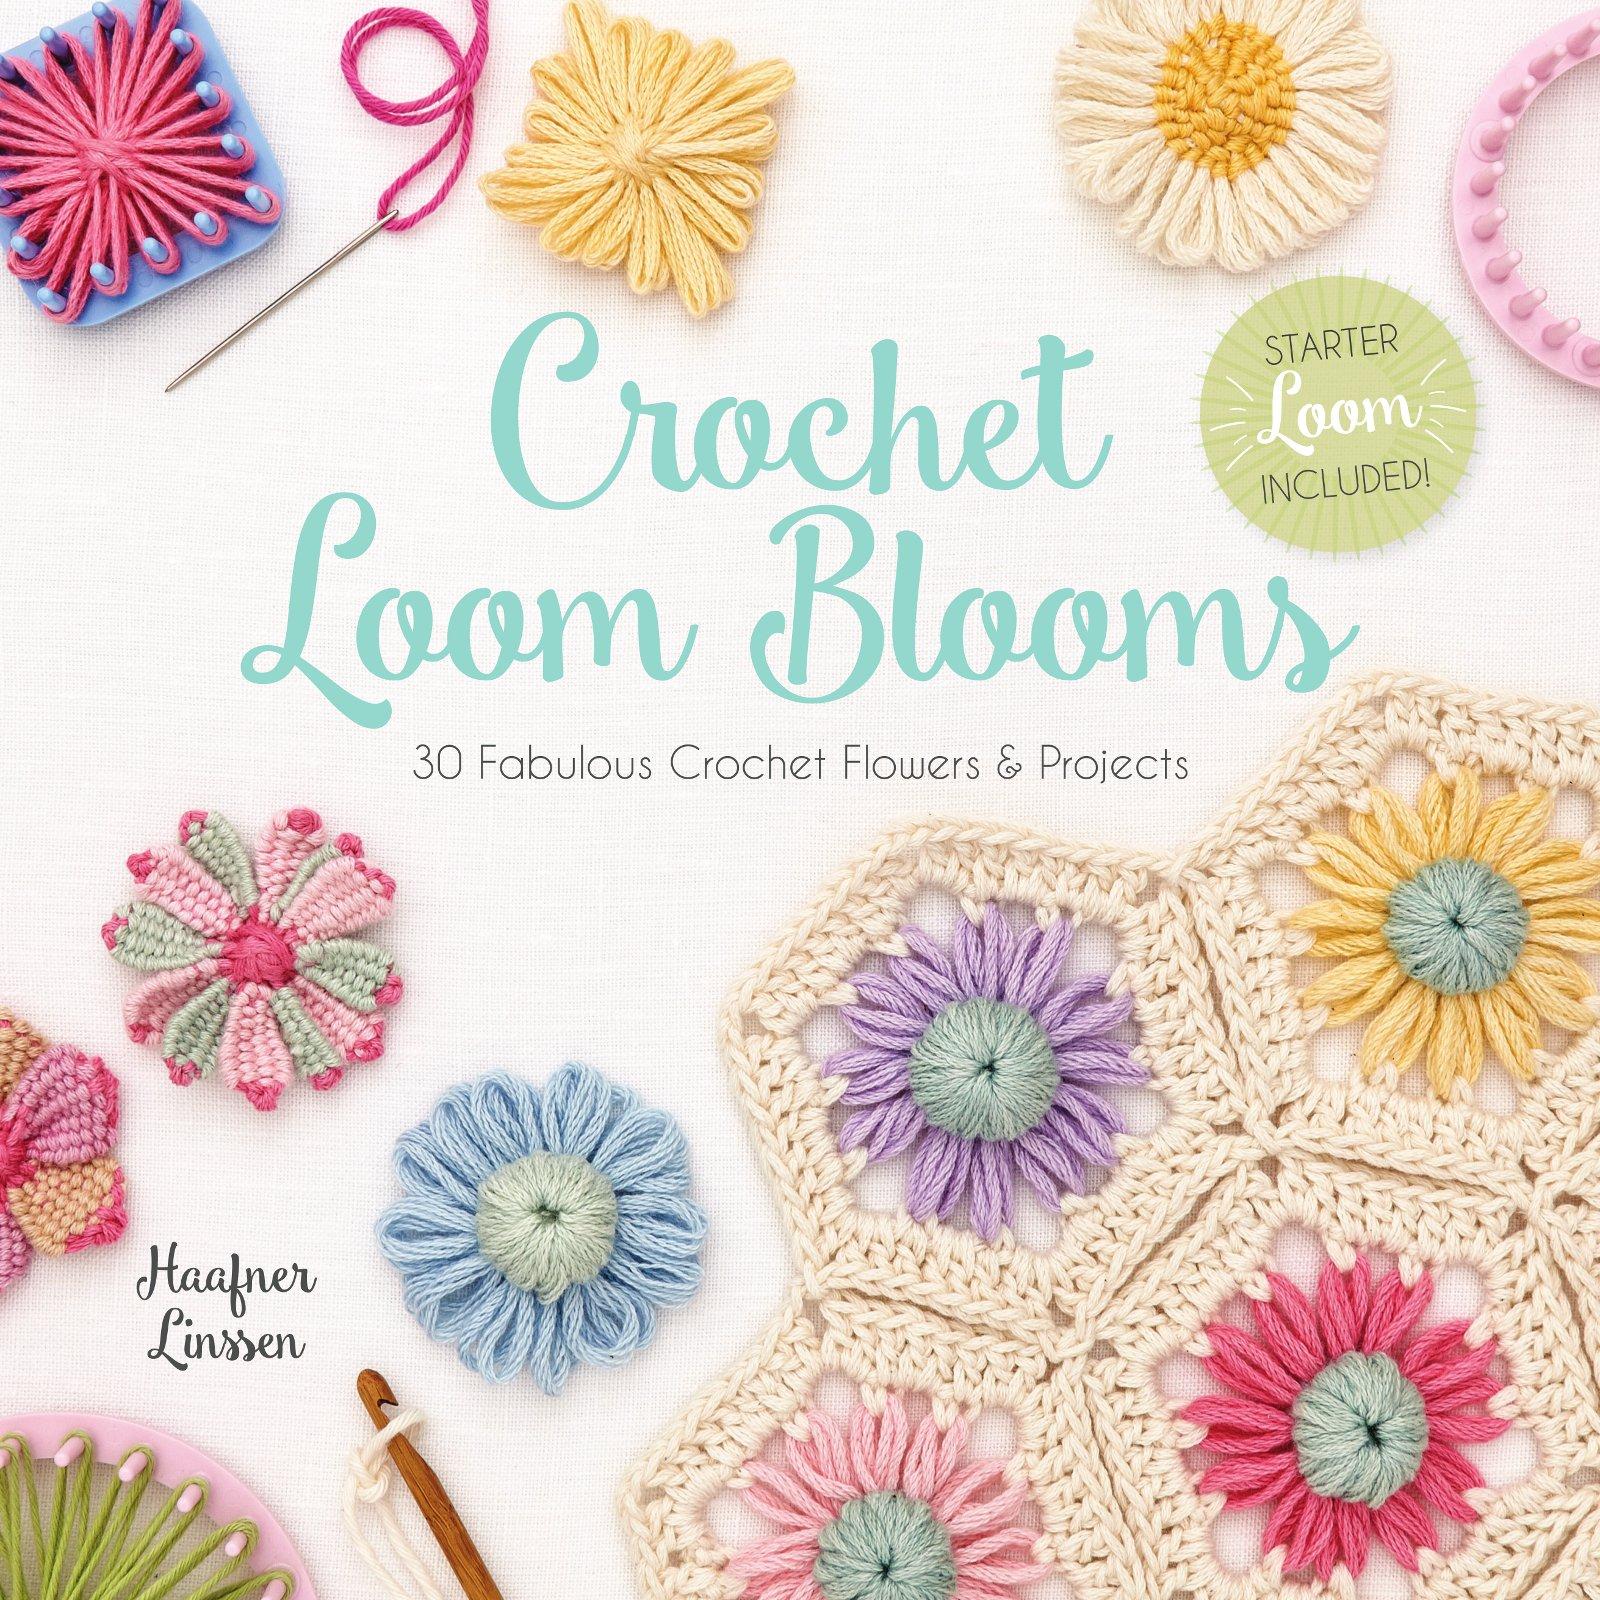 Crochet loom blooms 30 fabulous crochet flowers projects haafner crochet loom blooms 30 fabulous crochet flowers projects haafner linssen 0812787024281 amazon books izmirmasajfo